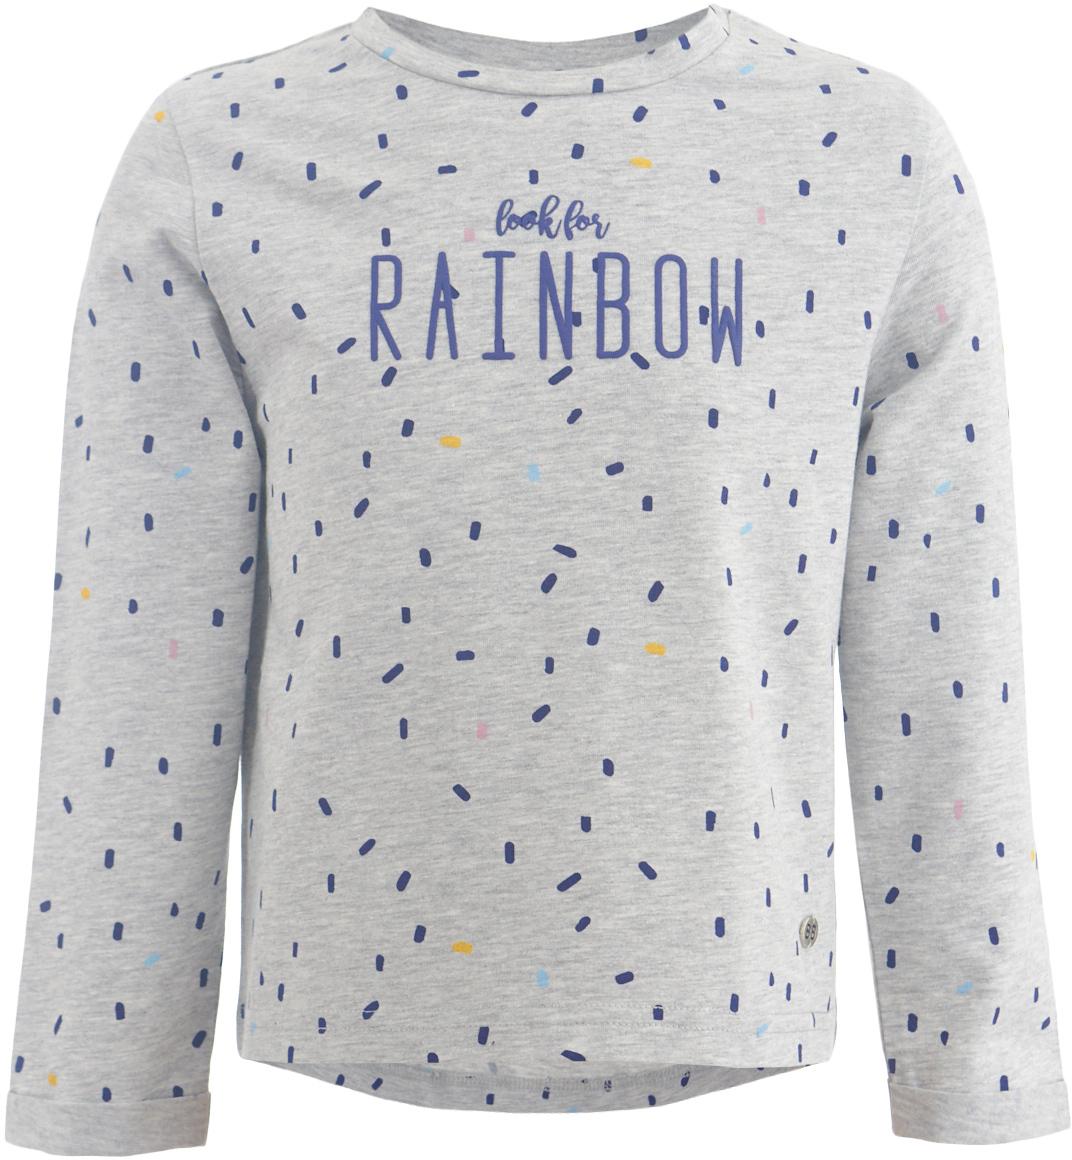 Футболка с длинным рукавом для девочки Button Blue, цвет: серый. 217BBGC12041913. Размер 146, 11 лет217BBGC12041913Детская футболка с длинным рукавом - основная составляющая осенне-зимнего гардероба. Свободная футболка с рисунком выглядит ярко, свежо и привлекательно. Дети быстро растут и часто меняют свои вкусовые предпочтения, поэтому всем практичным родителям надо приобретать детские футболки недорого, чтобы обеспечить ребенку должное разнообразие. Если вы хотите купить недорогую детскую футболку отличного качества, модель от Button Blue - прекрасный вариант. Вместе с футболкой вы приобретете комфорт и возможность экспериментировать, создавая модные многослойные решения.